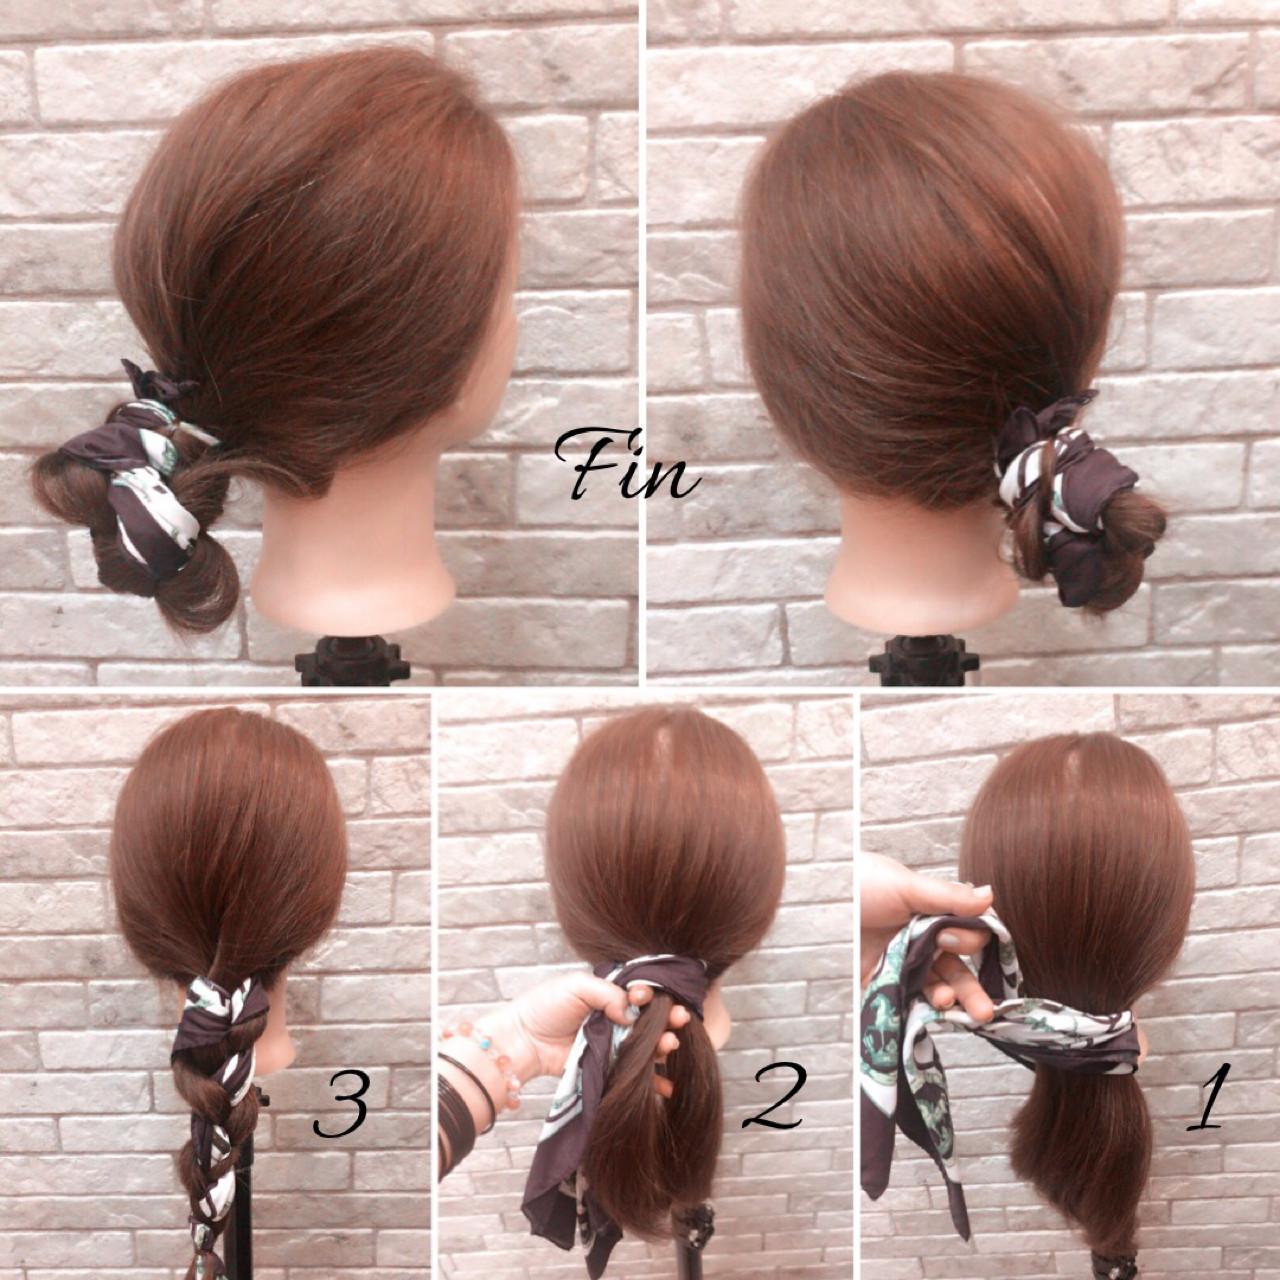 【簡単】オフィス向けセミロングの結び方ガイド♪きれいめまとめ髪で上品に 中村香奈子